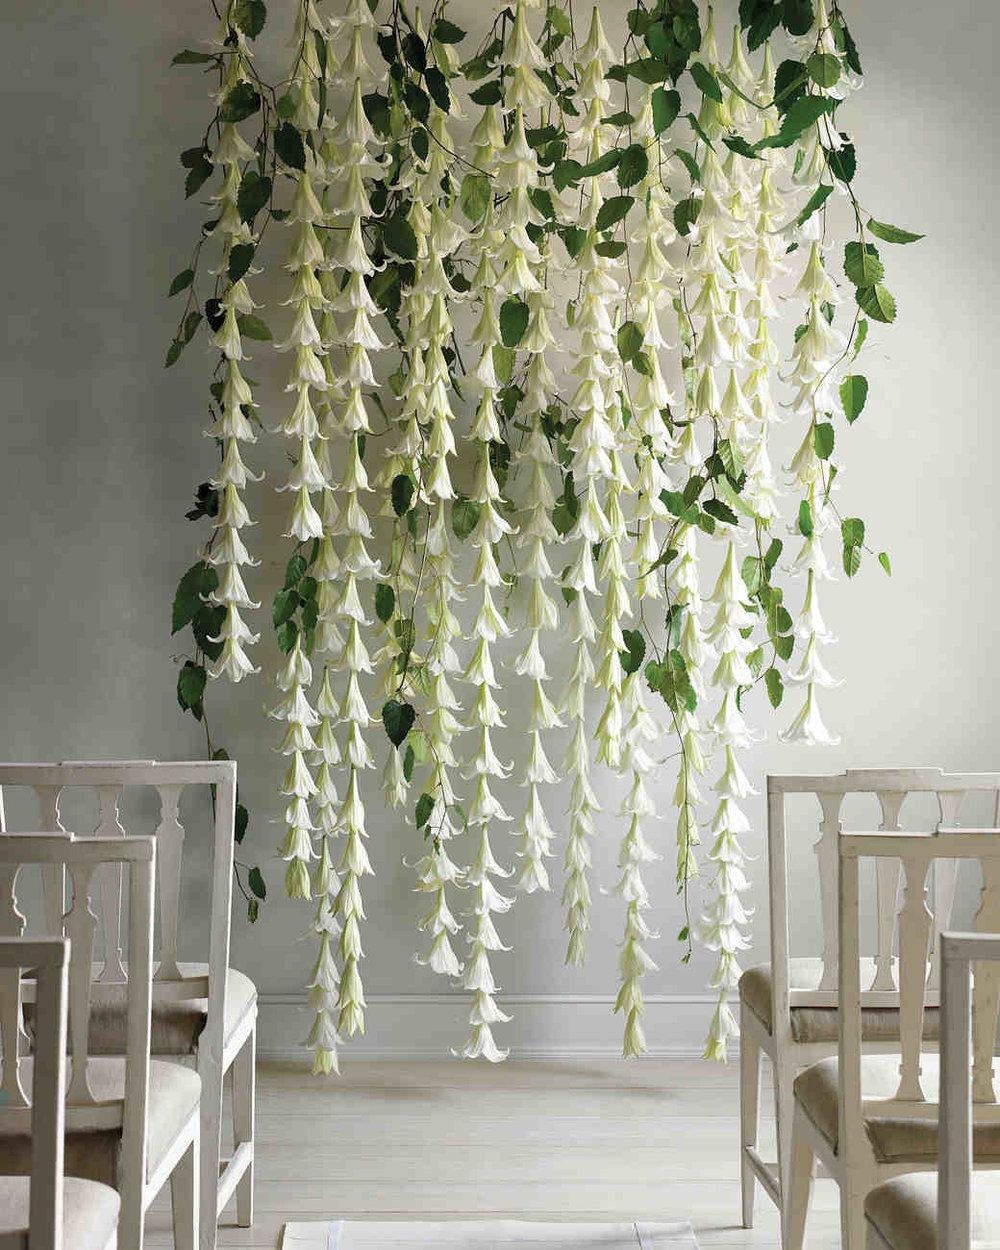 flowerwall-hanginglilies-0615_vert.jpg